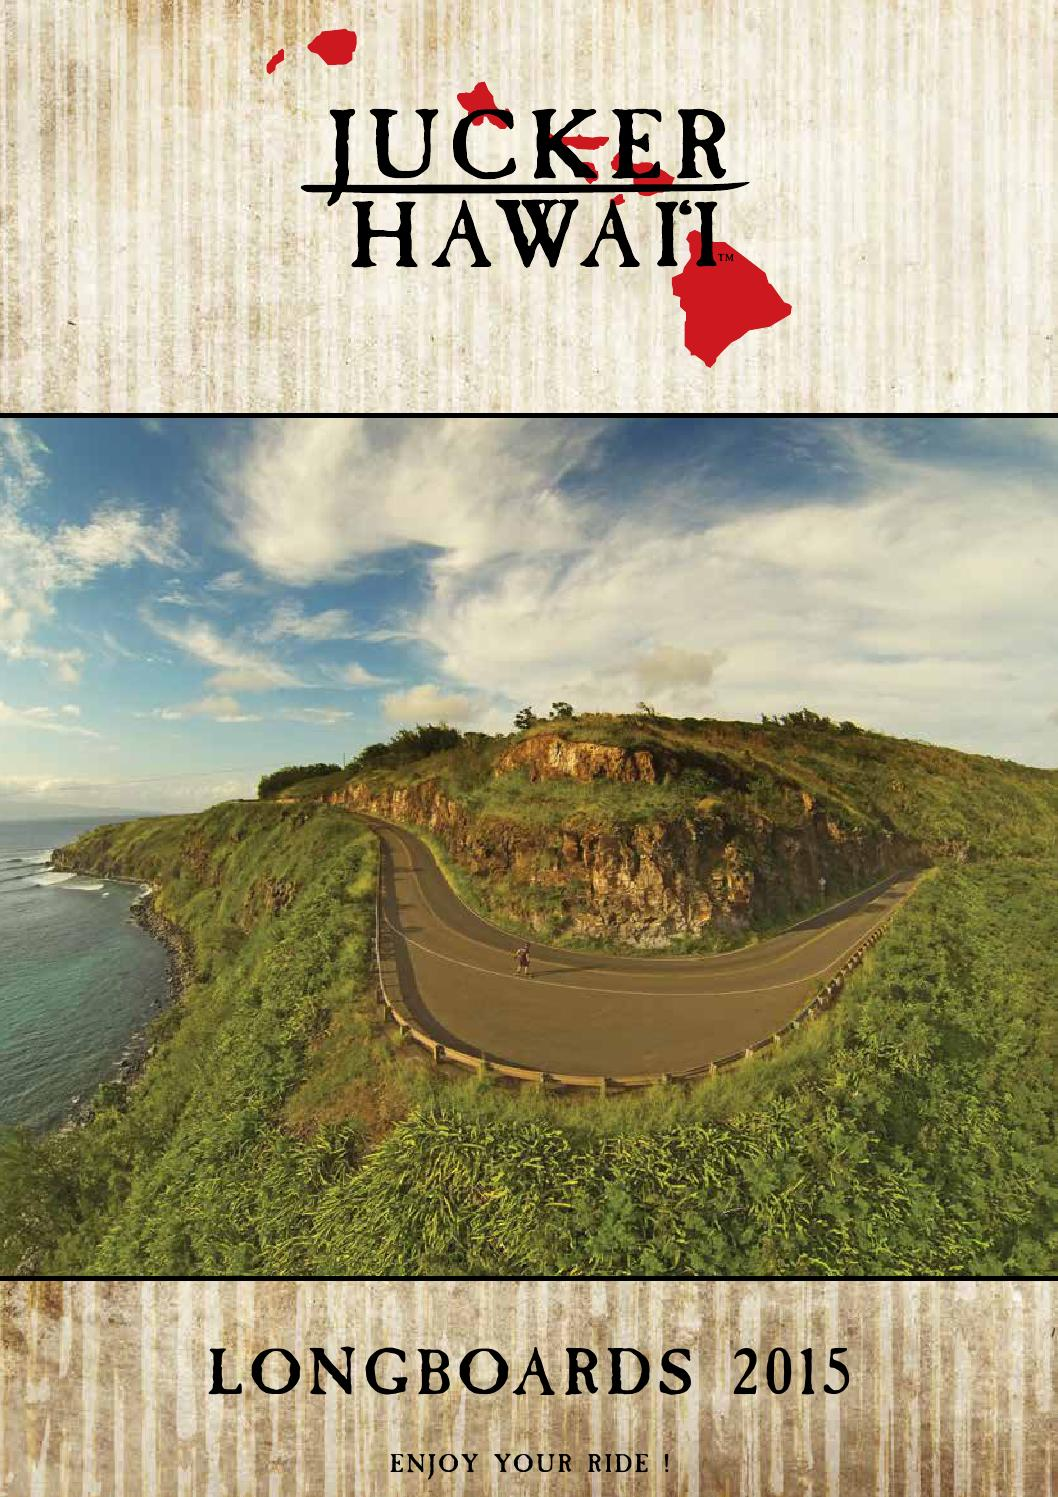 special edition JUCKER HAWAII Longboard MAKAHA SE